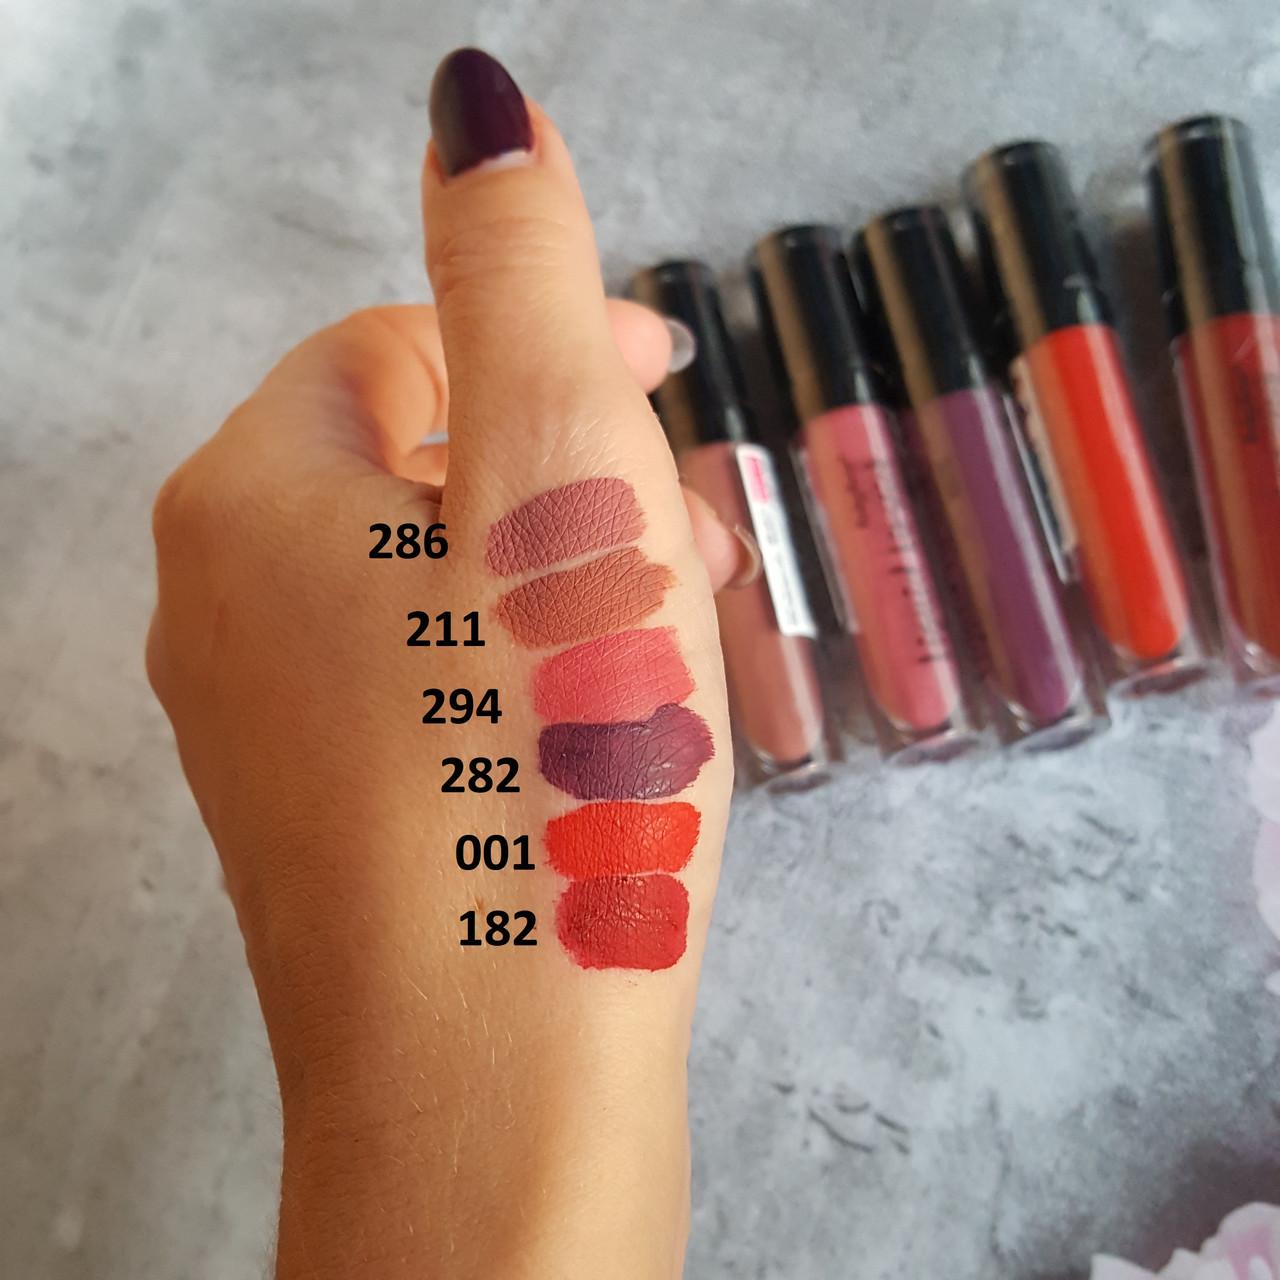 Ruby rose косметика официальный сайт купить косметике artdeco купить минск